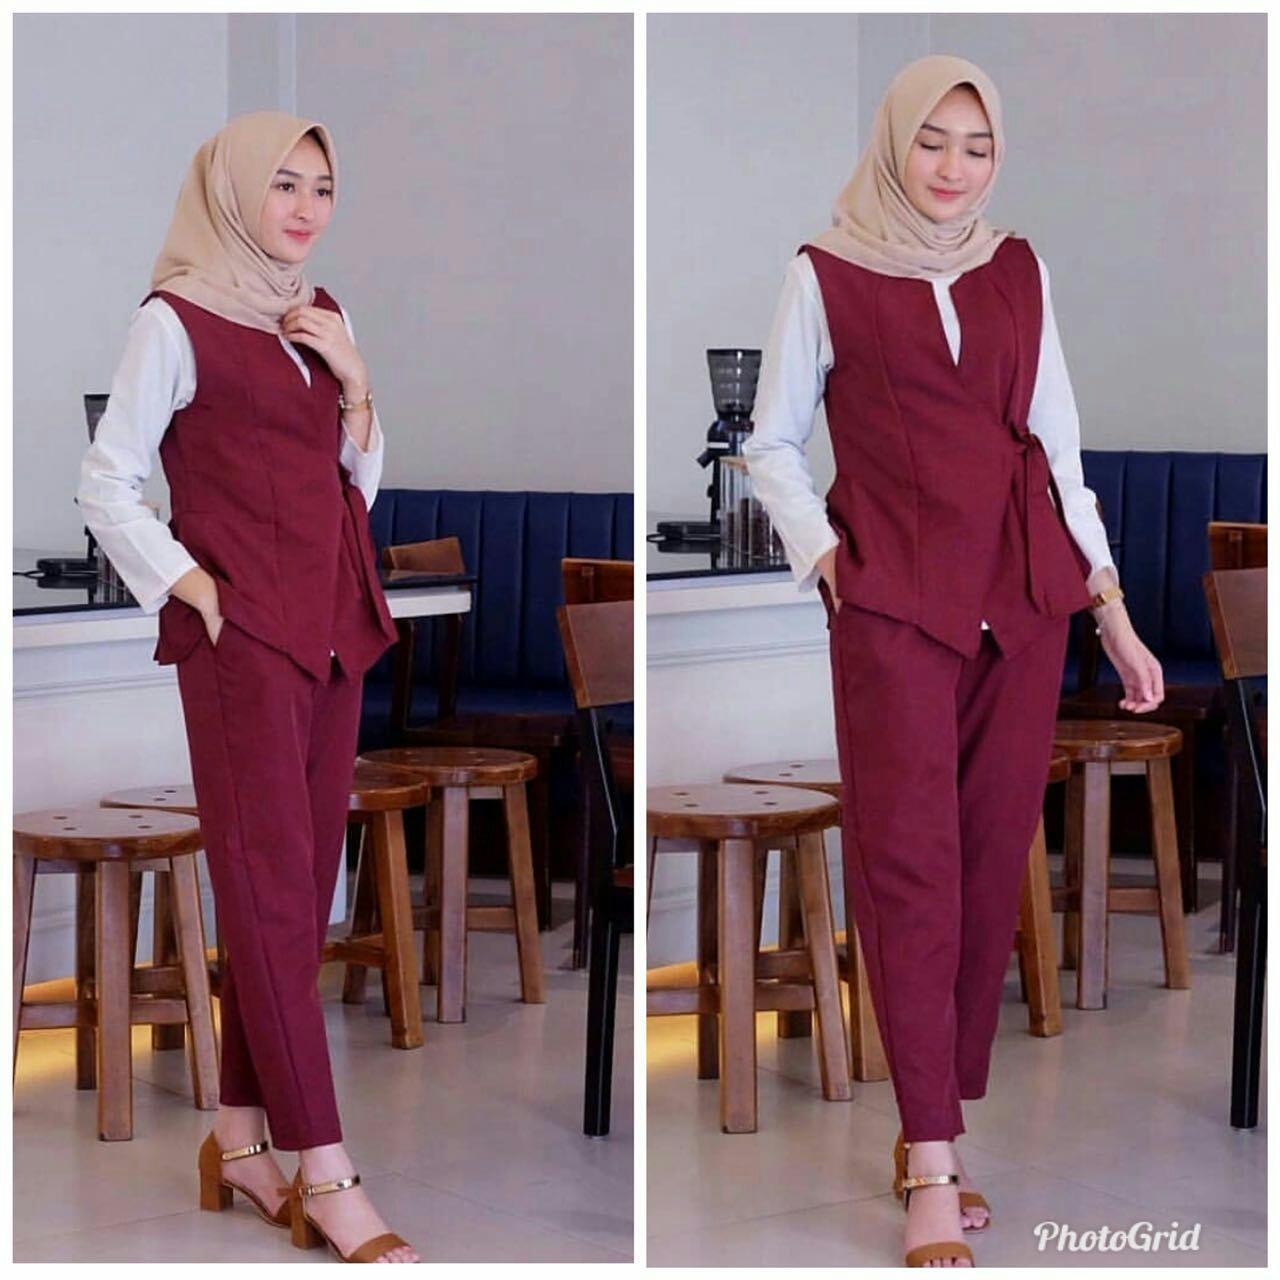 Kelebihan Jc Setelan Shania Batik Kulot Celana 1 Baju Hijab Febiola Wanita Muslim Rompi